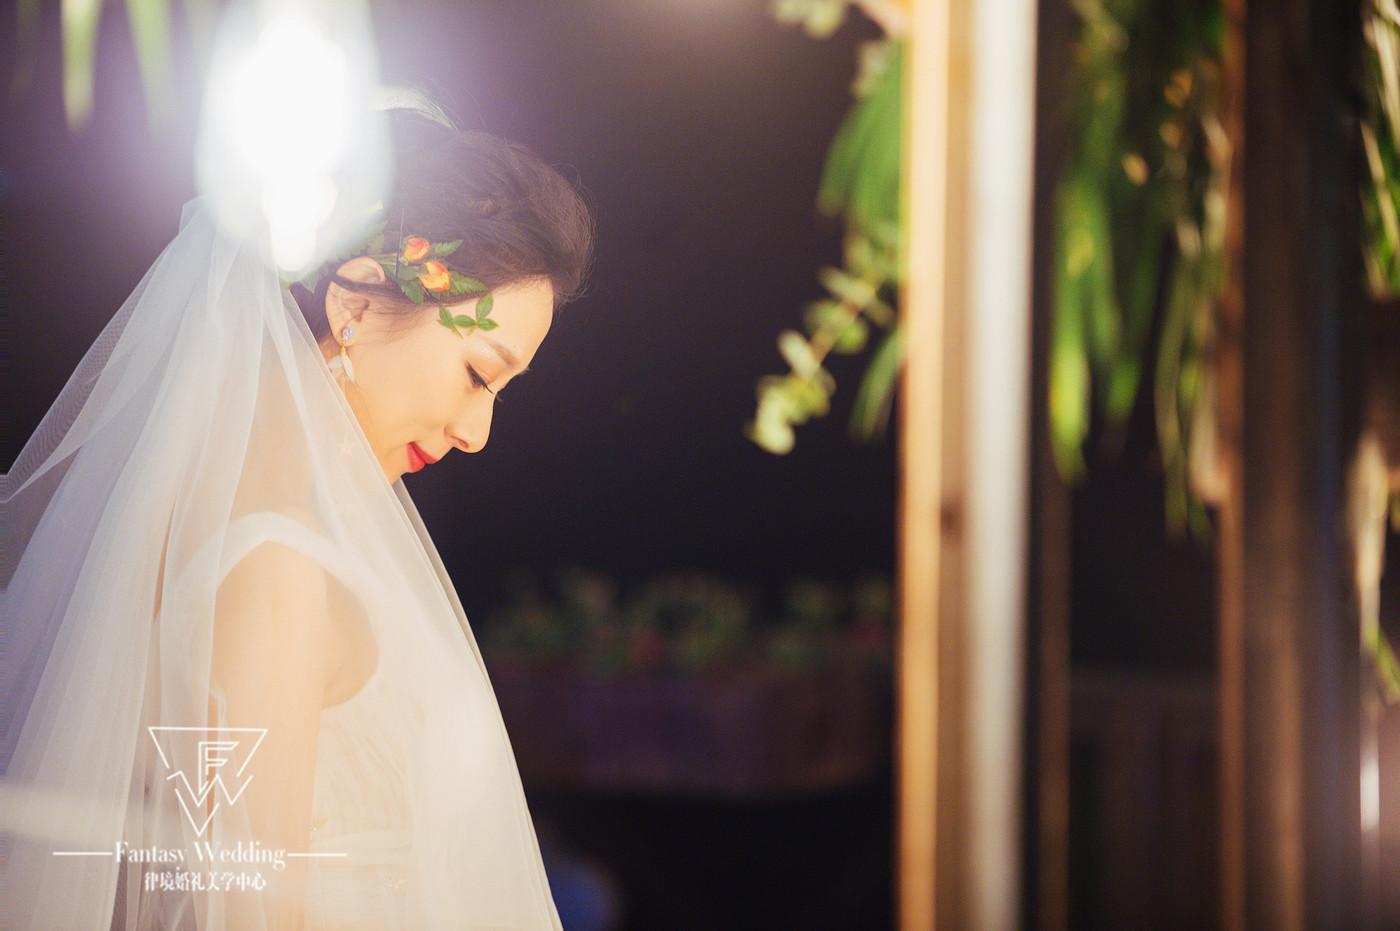 「律境婚礼」 格格^栈桥户外27